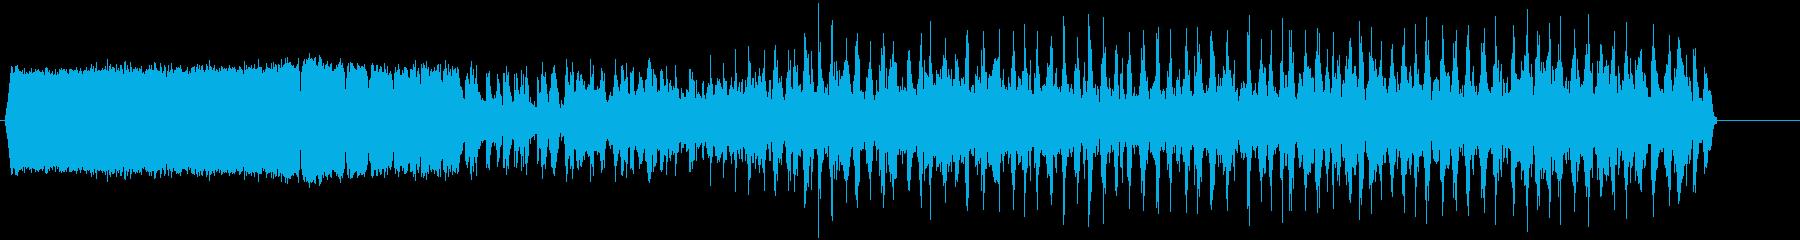 電気アーク2;脈動Zapsへの着実な変化の再生済みの波形